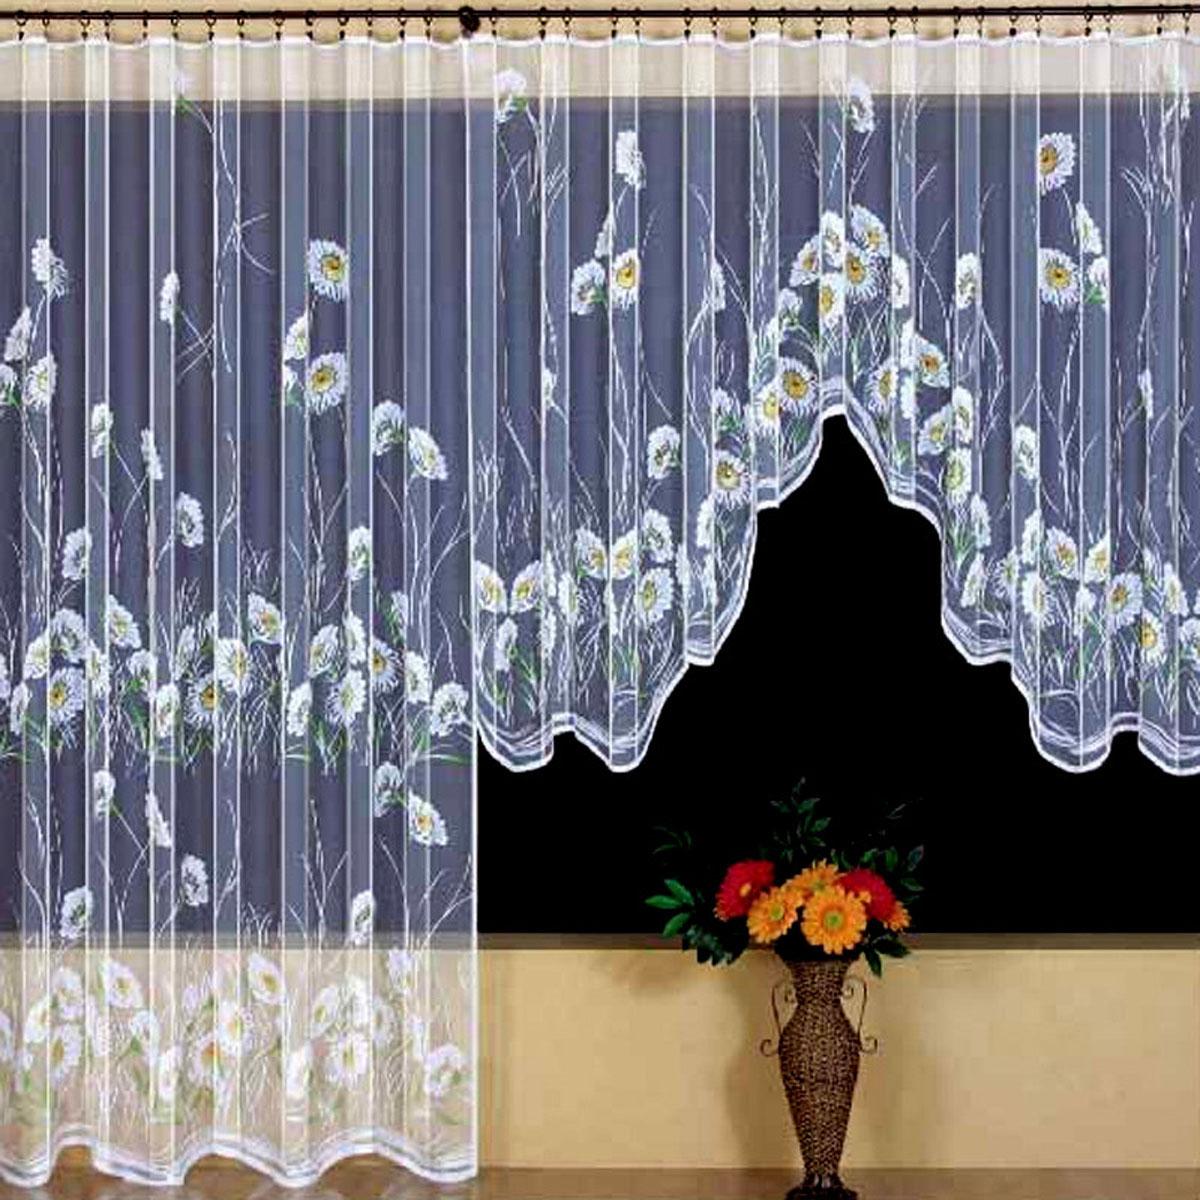 Гардина Wisan, цвет: белый, ширина 350 см, высота 160 см. 938155570вид крепления - под зажимы для шторРазмеры: ш.350* в.160